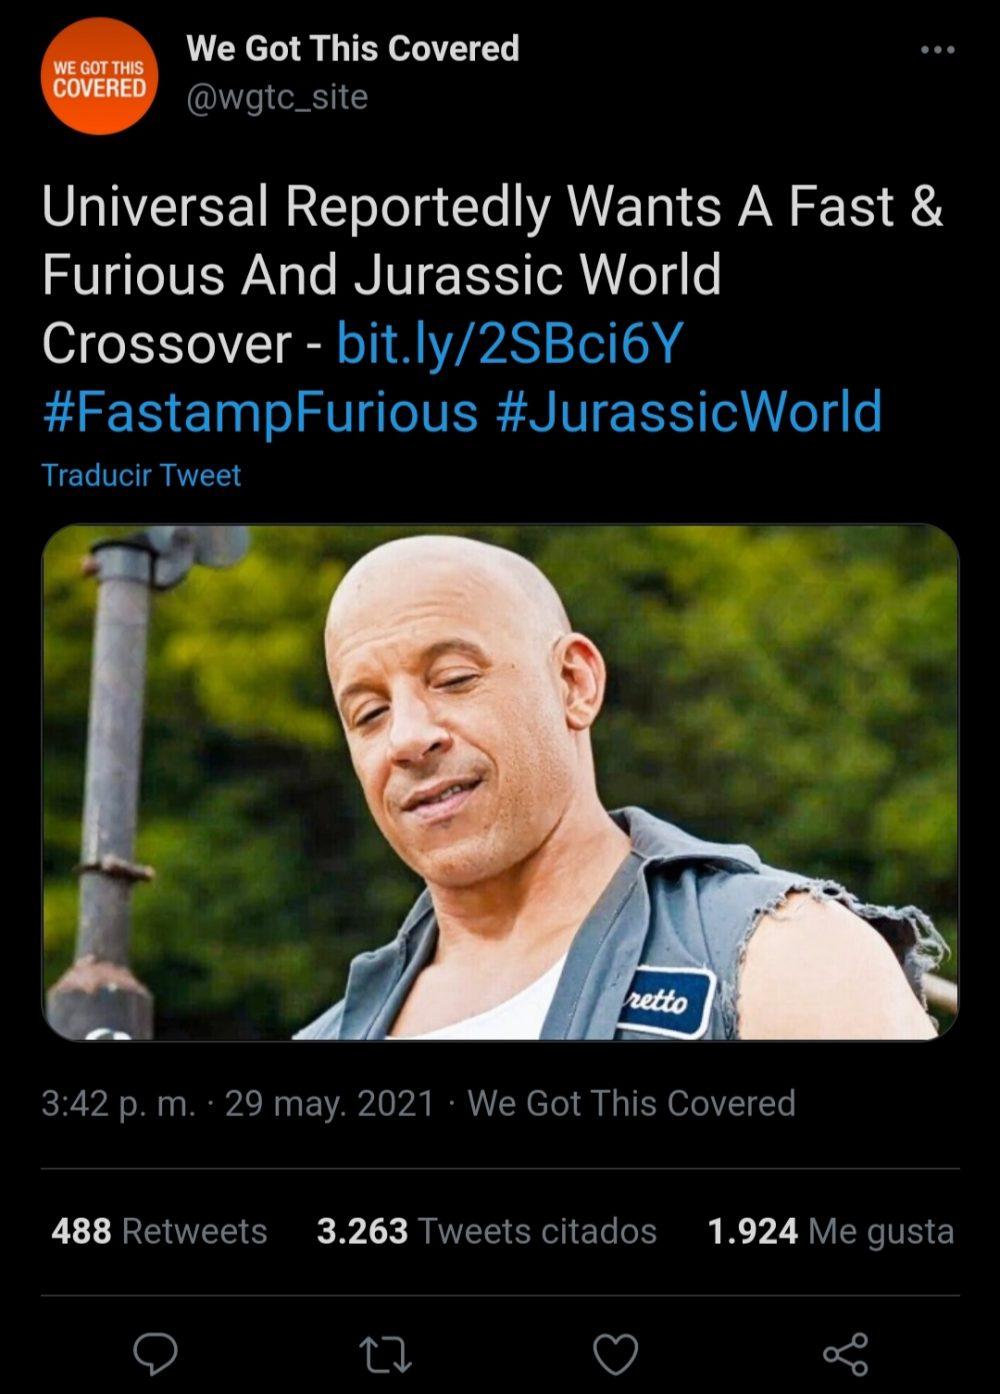 T-Rex to furius